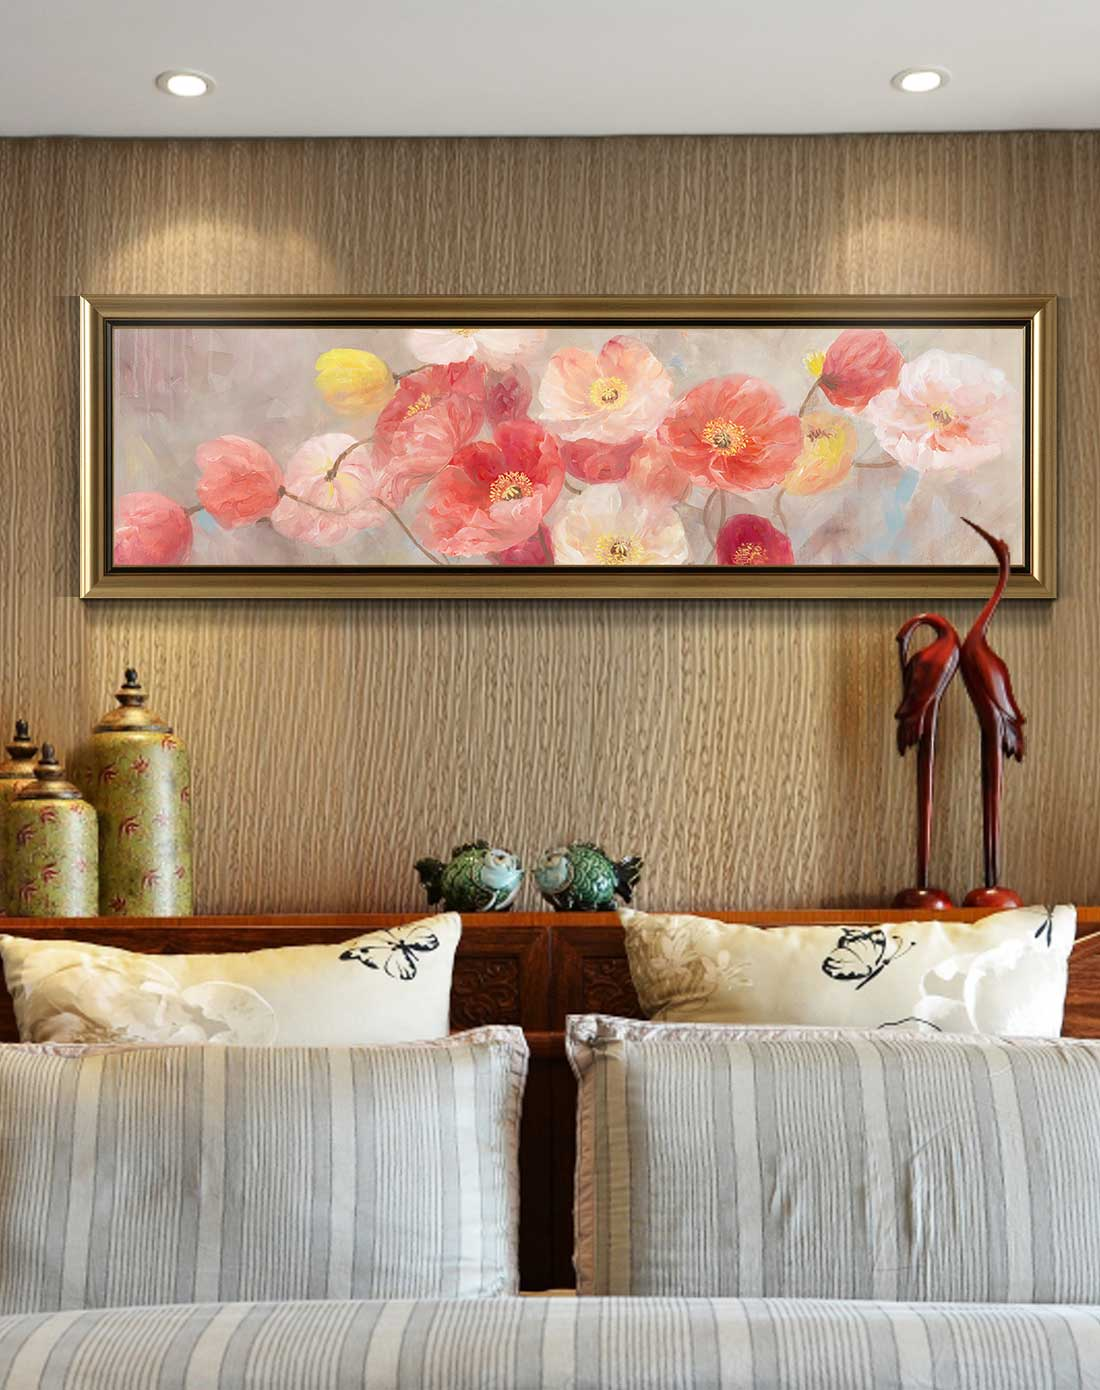 欧式卧室床头画hstj (1100x1390)-欧式卧室床头背景墙挂画装修效果